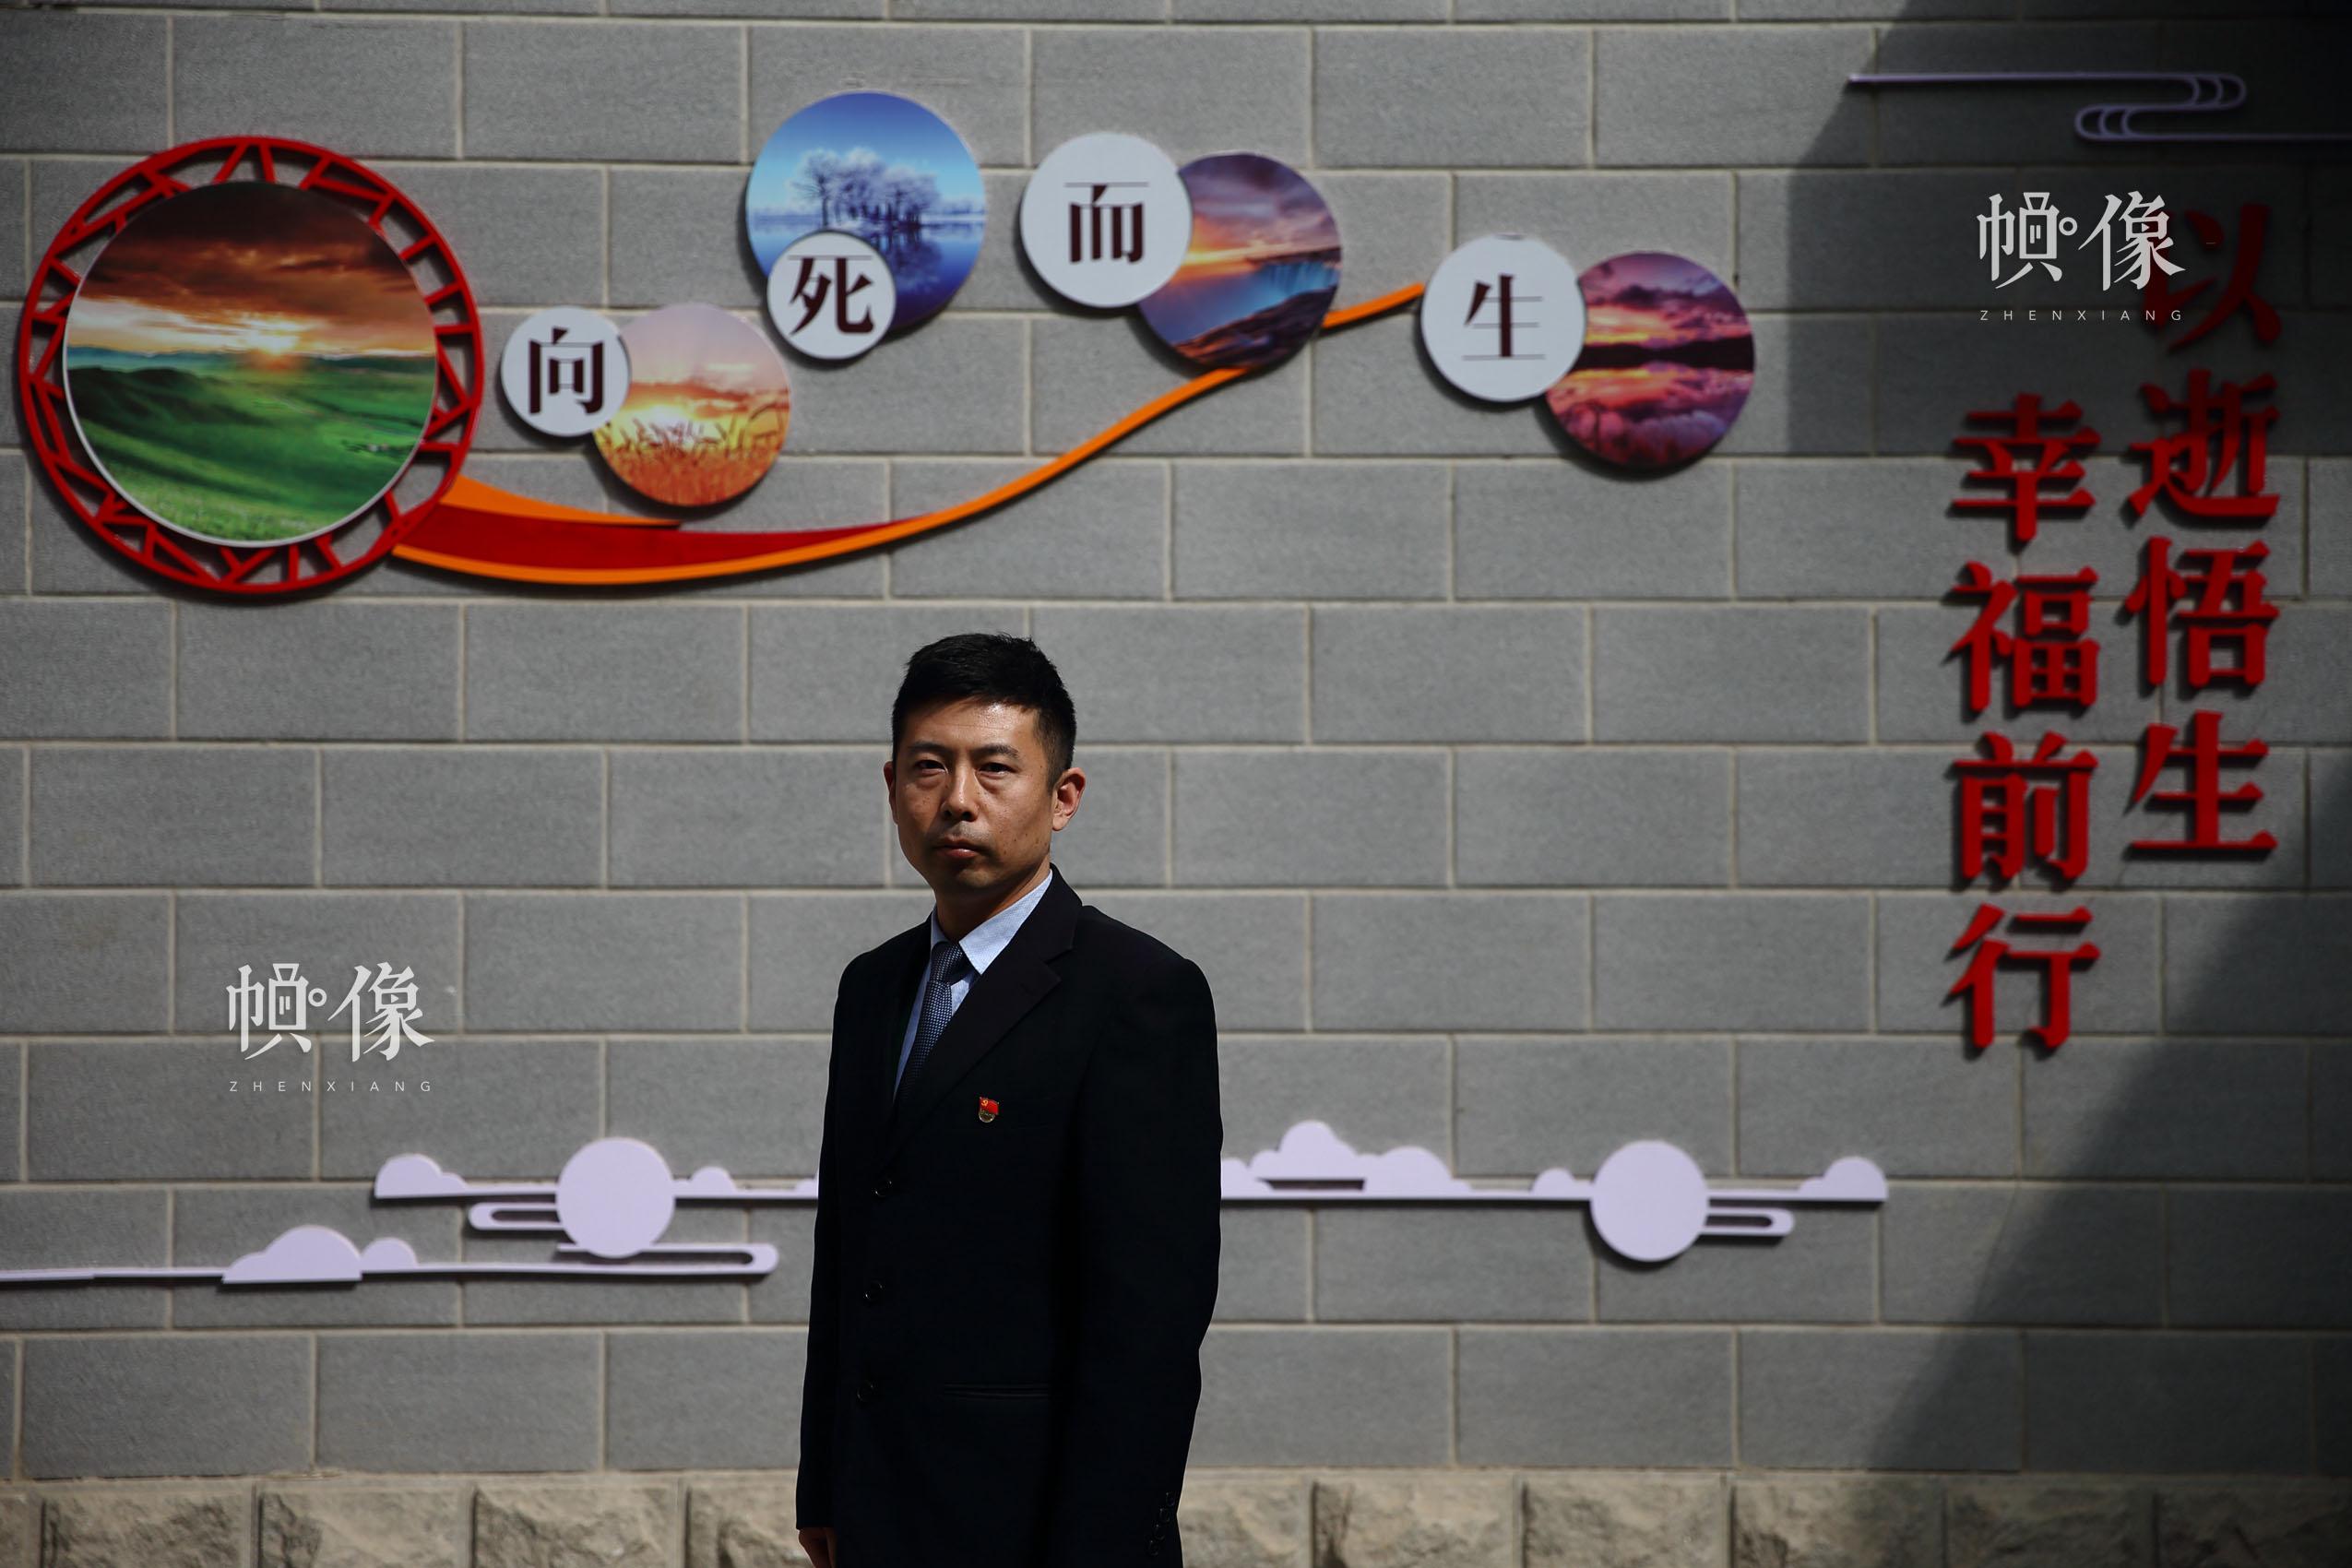 北京八宝山殡仪馆火化室副主任魏童。中国网记者 陈维松 摄